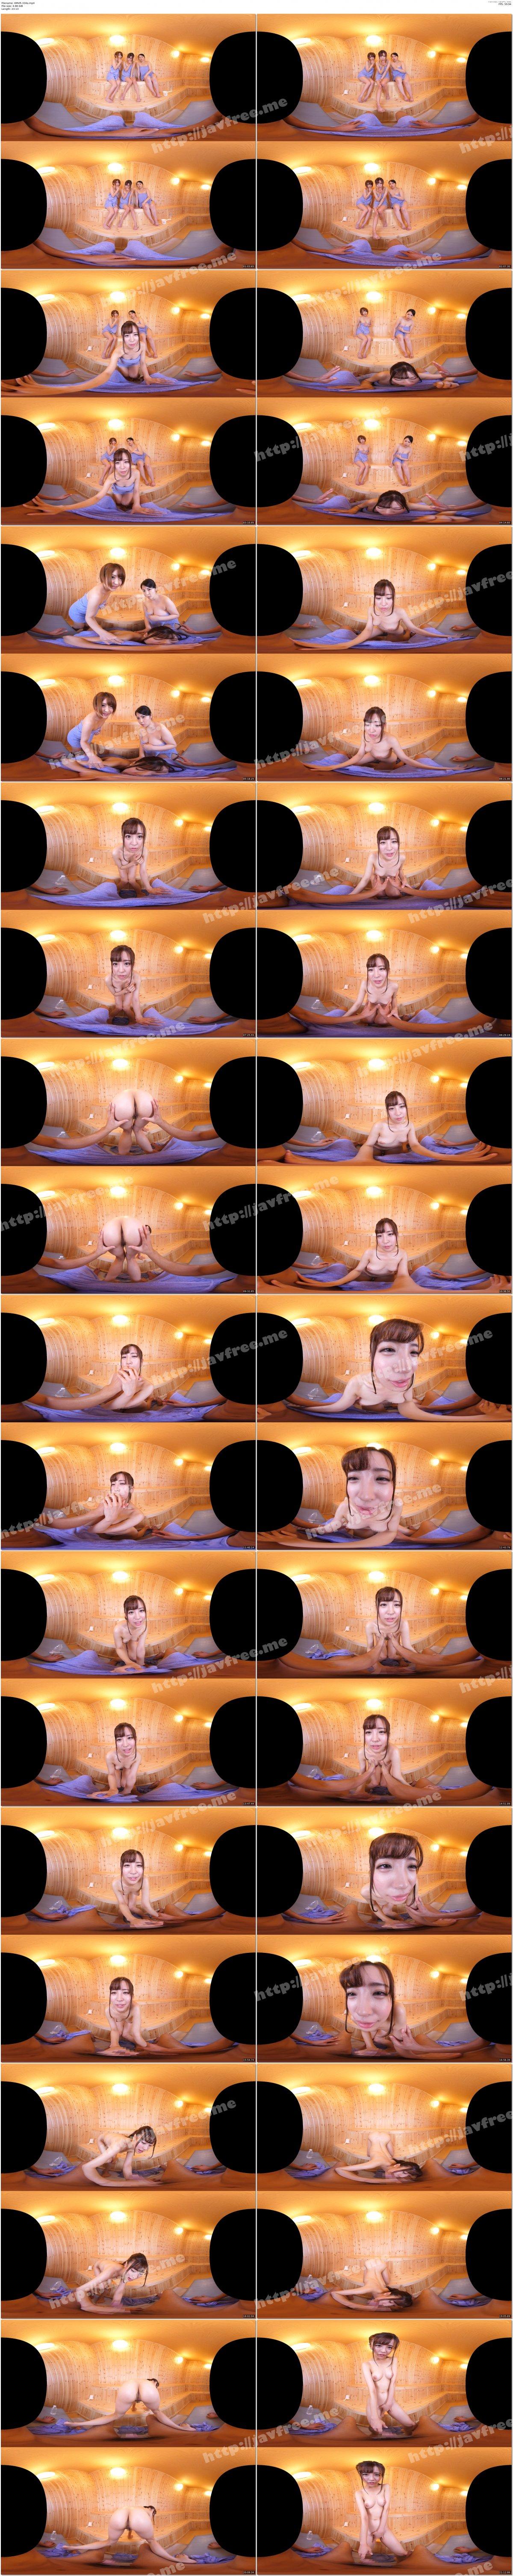 [KMVR-334] 【VR】もしも女性用サウナに間違って入ってしまったら… 佐々波綾【リアル映像】 - image KMVR-334a on https://javfree.me